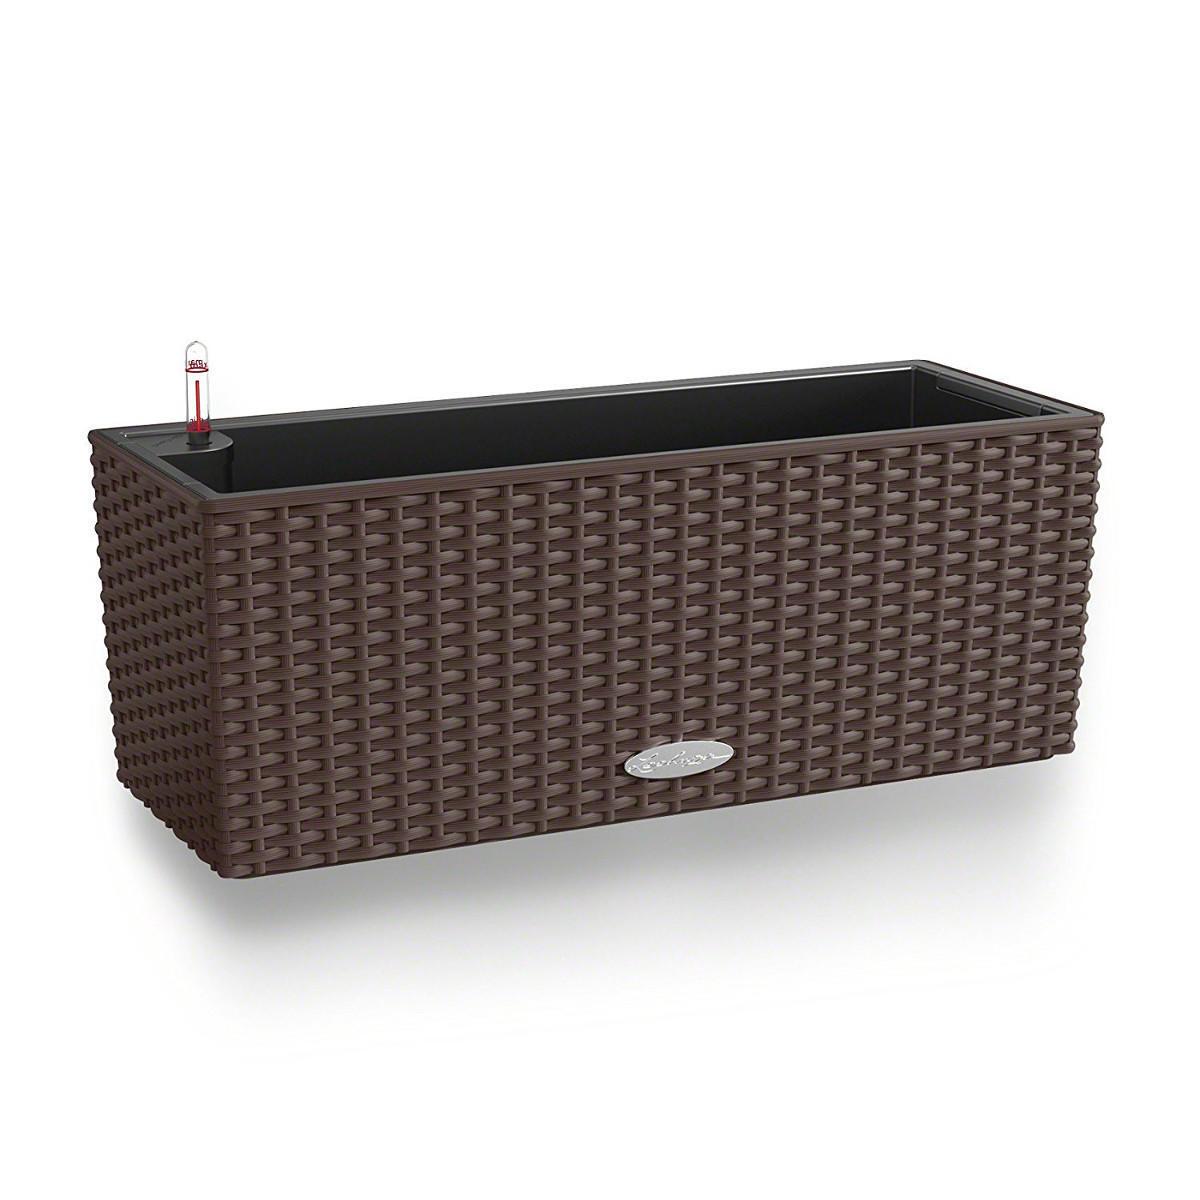 Cassetta portafiori Cottage in plastica colore marrone H 19 x L 50 - 2